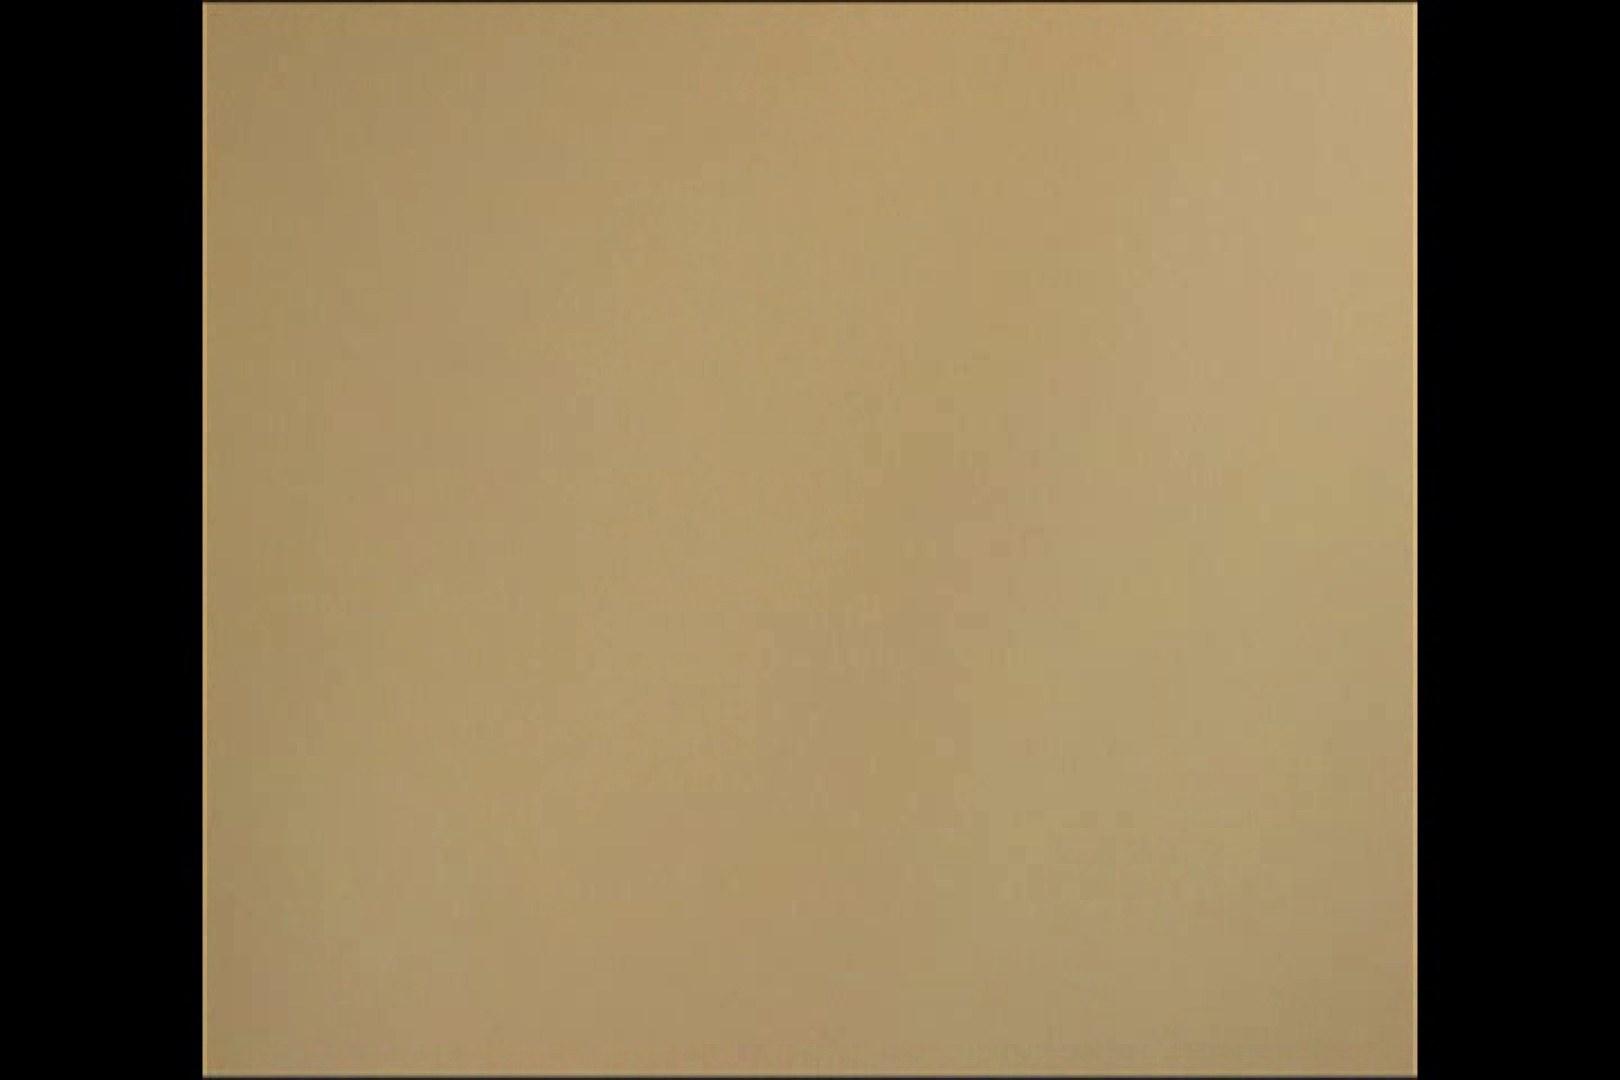 マンコ丸見え女子洗面所Vol.13 マンコ満開 えろ無修正画像 98画像 70